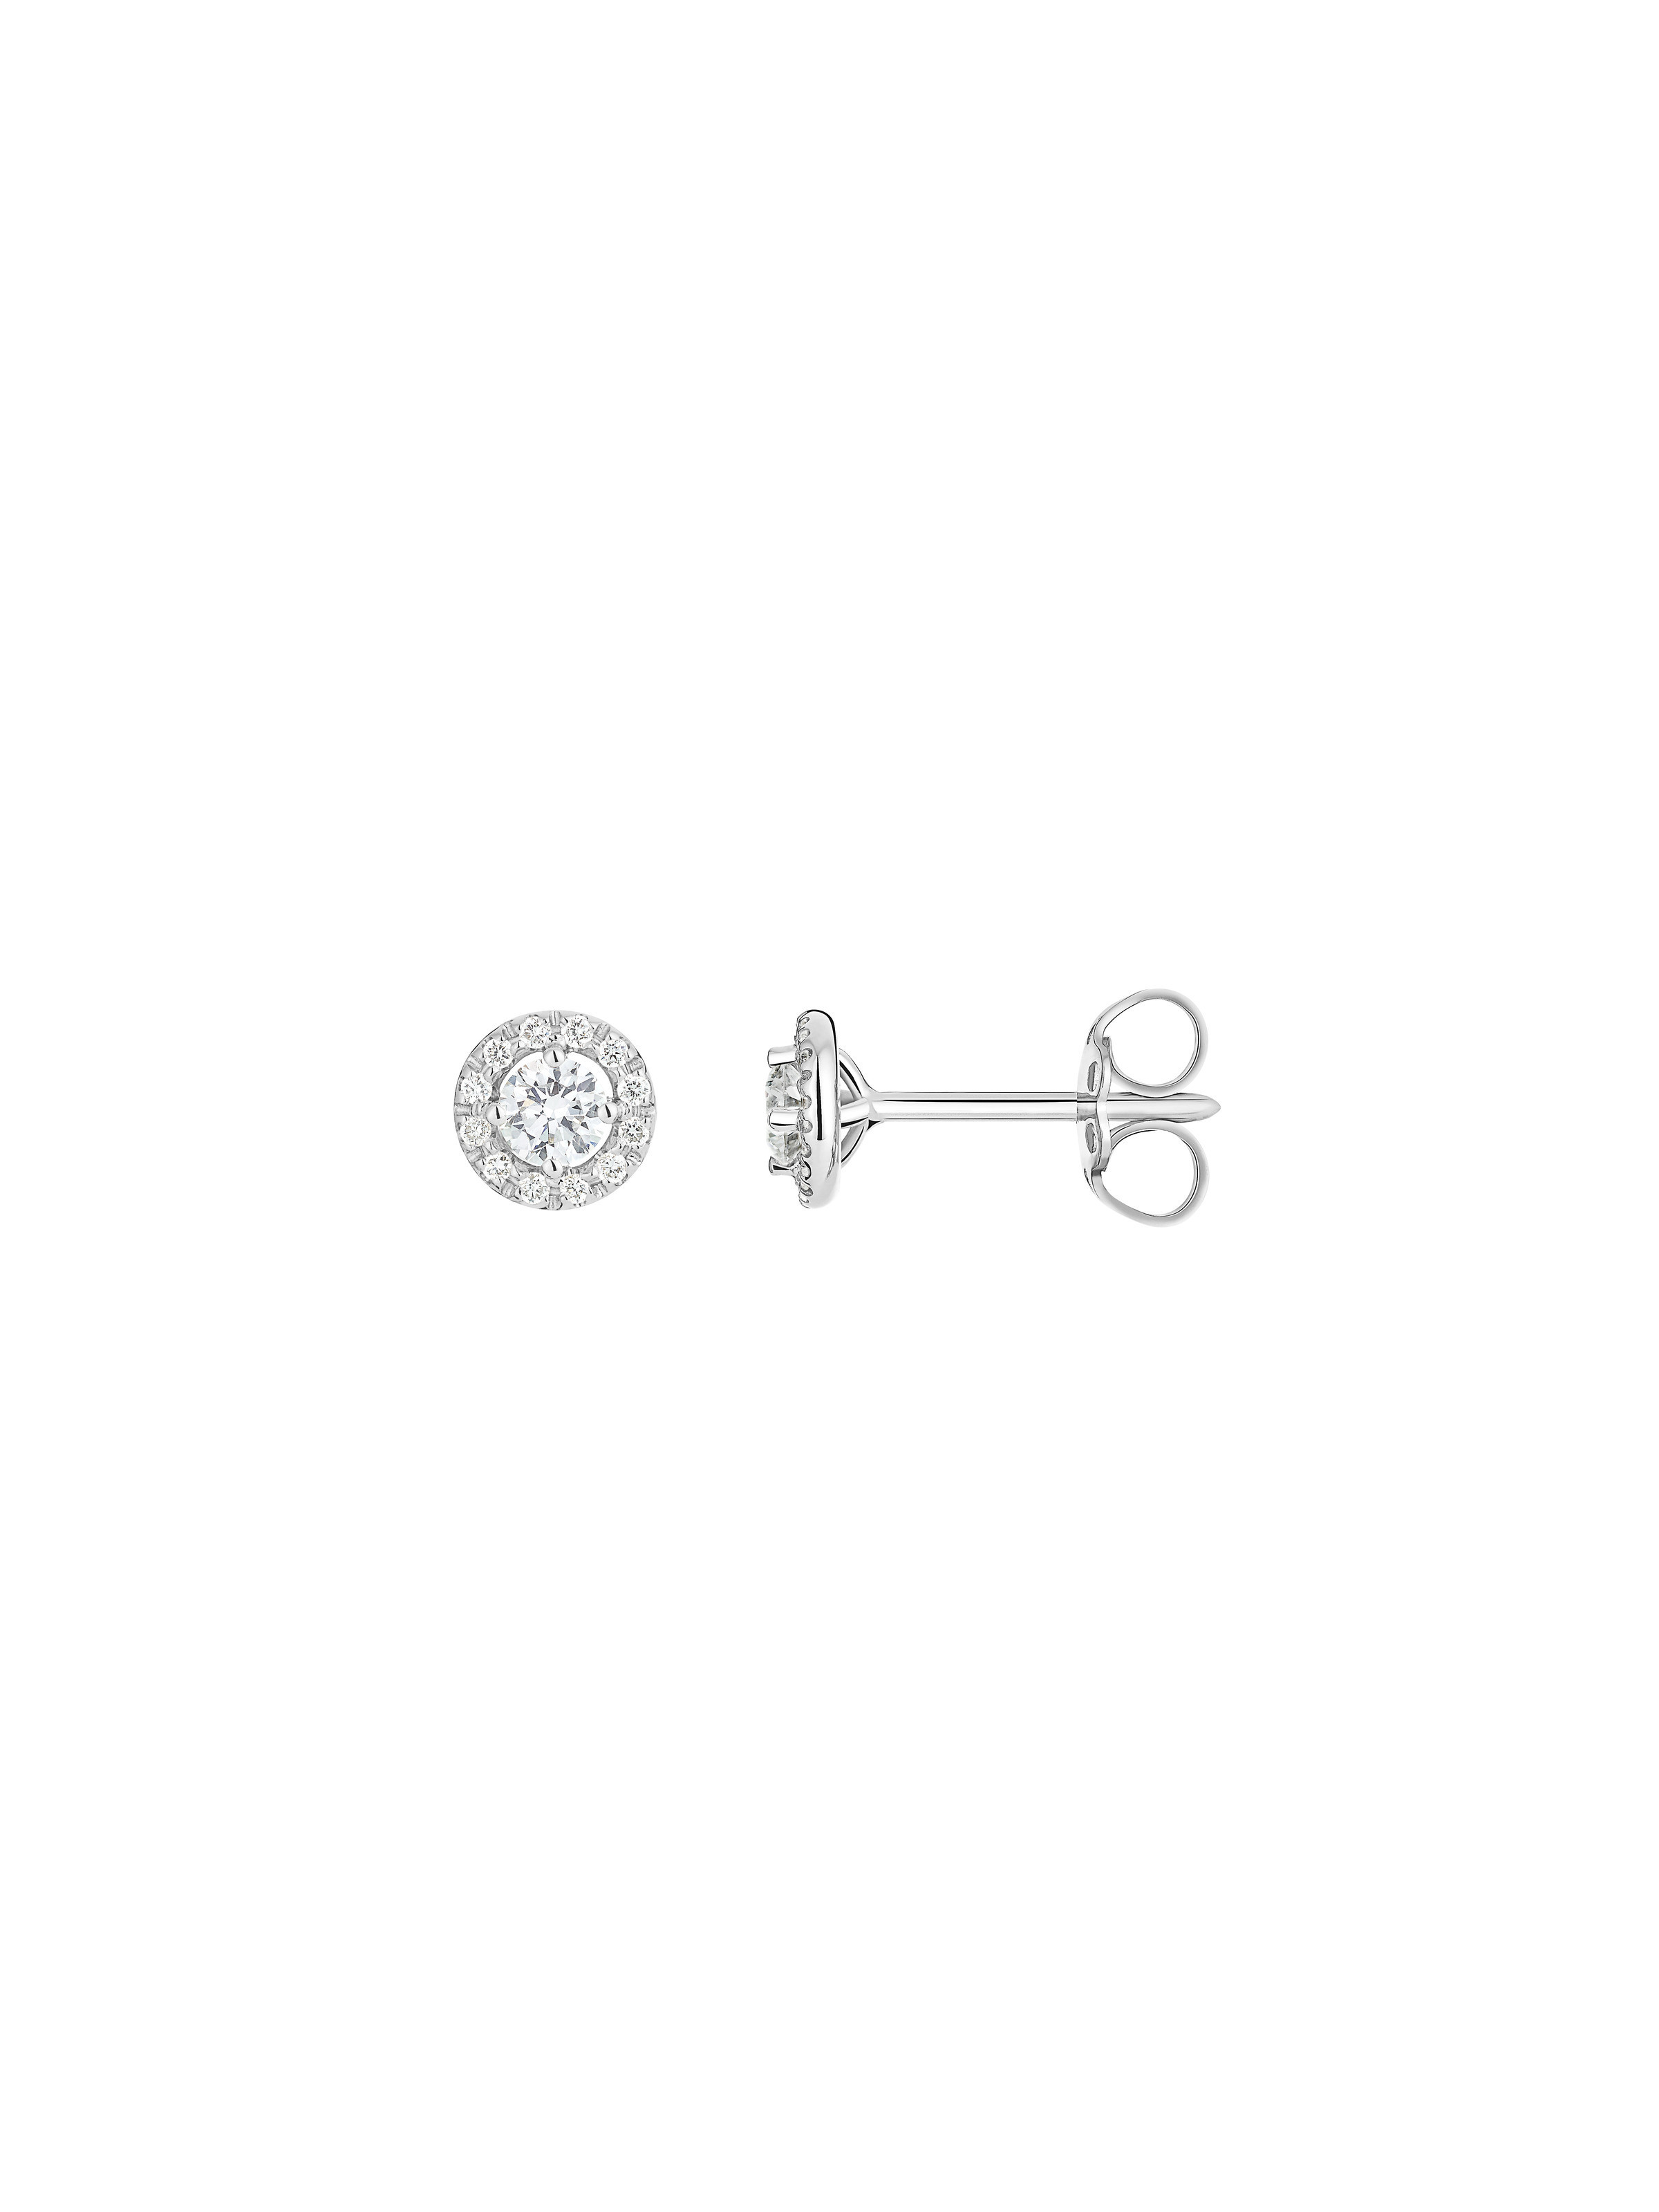 One earrings